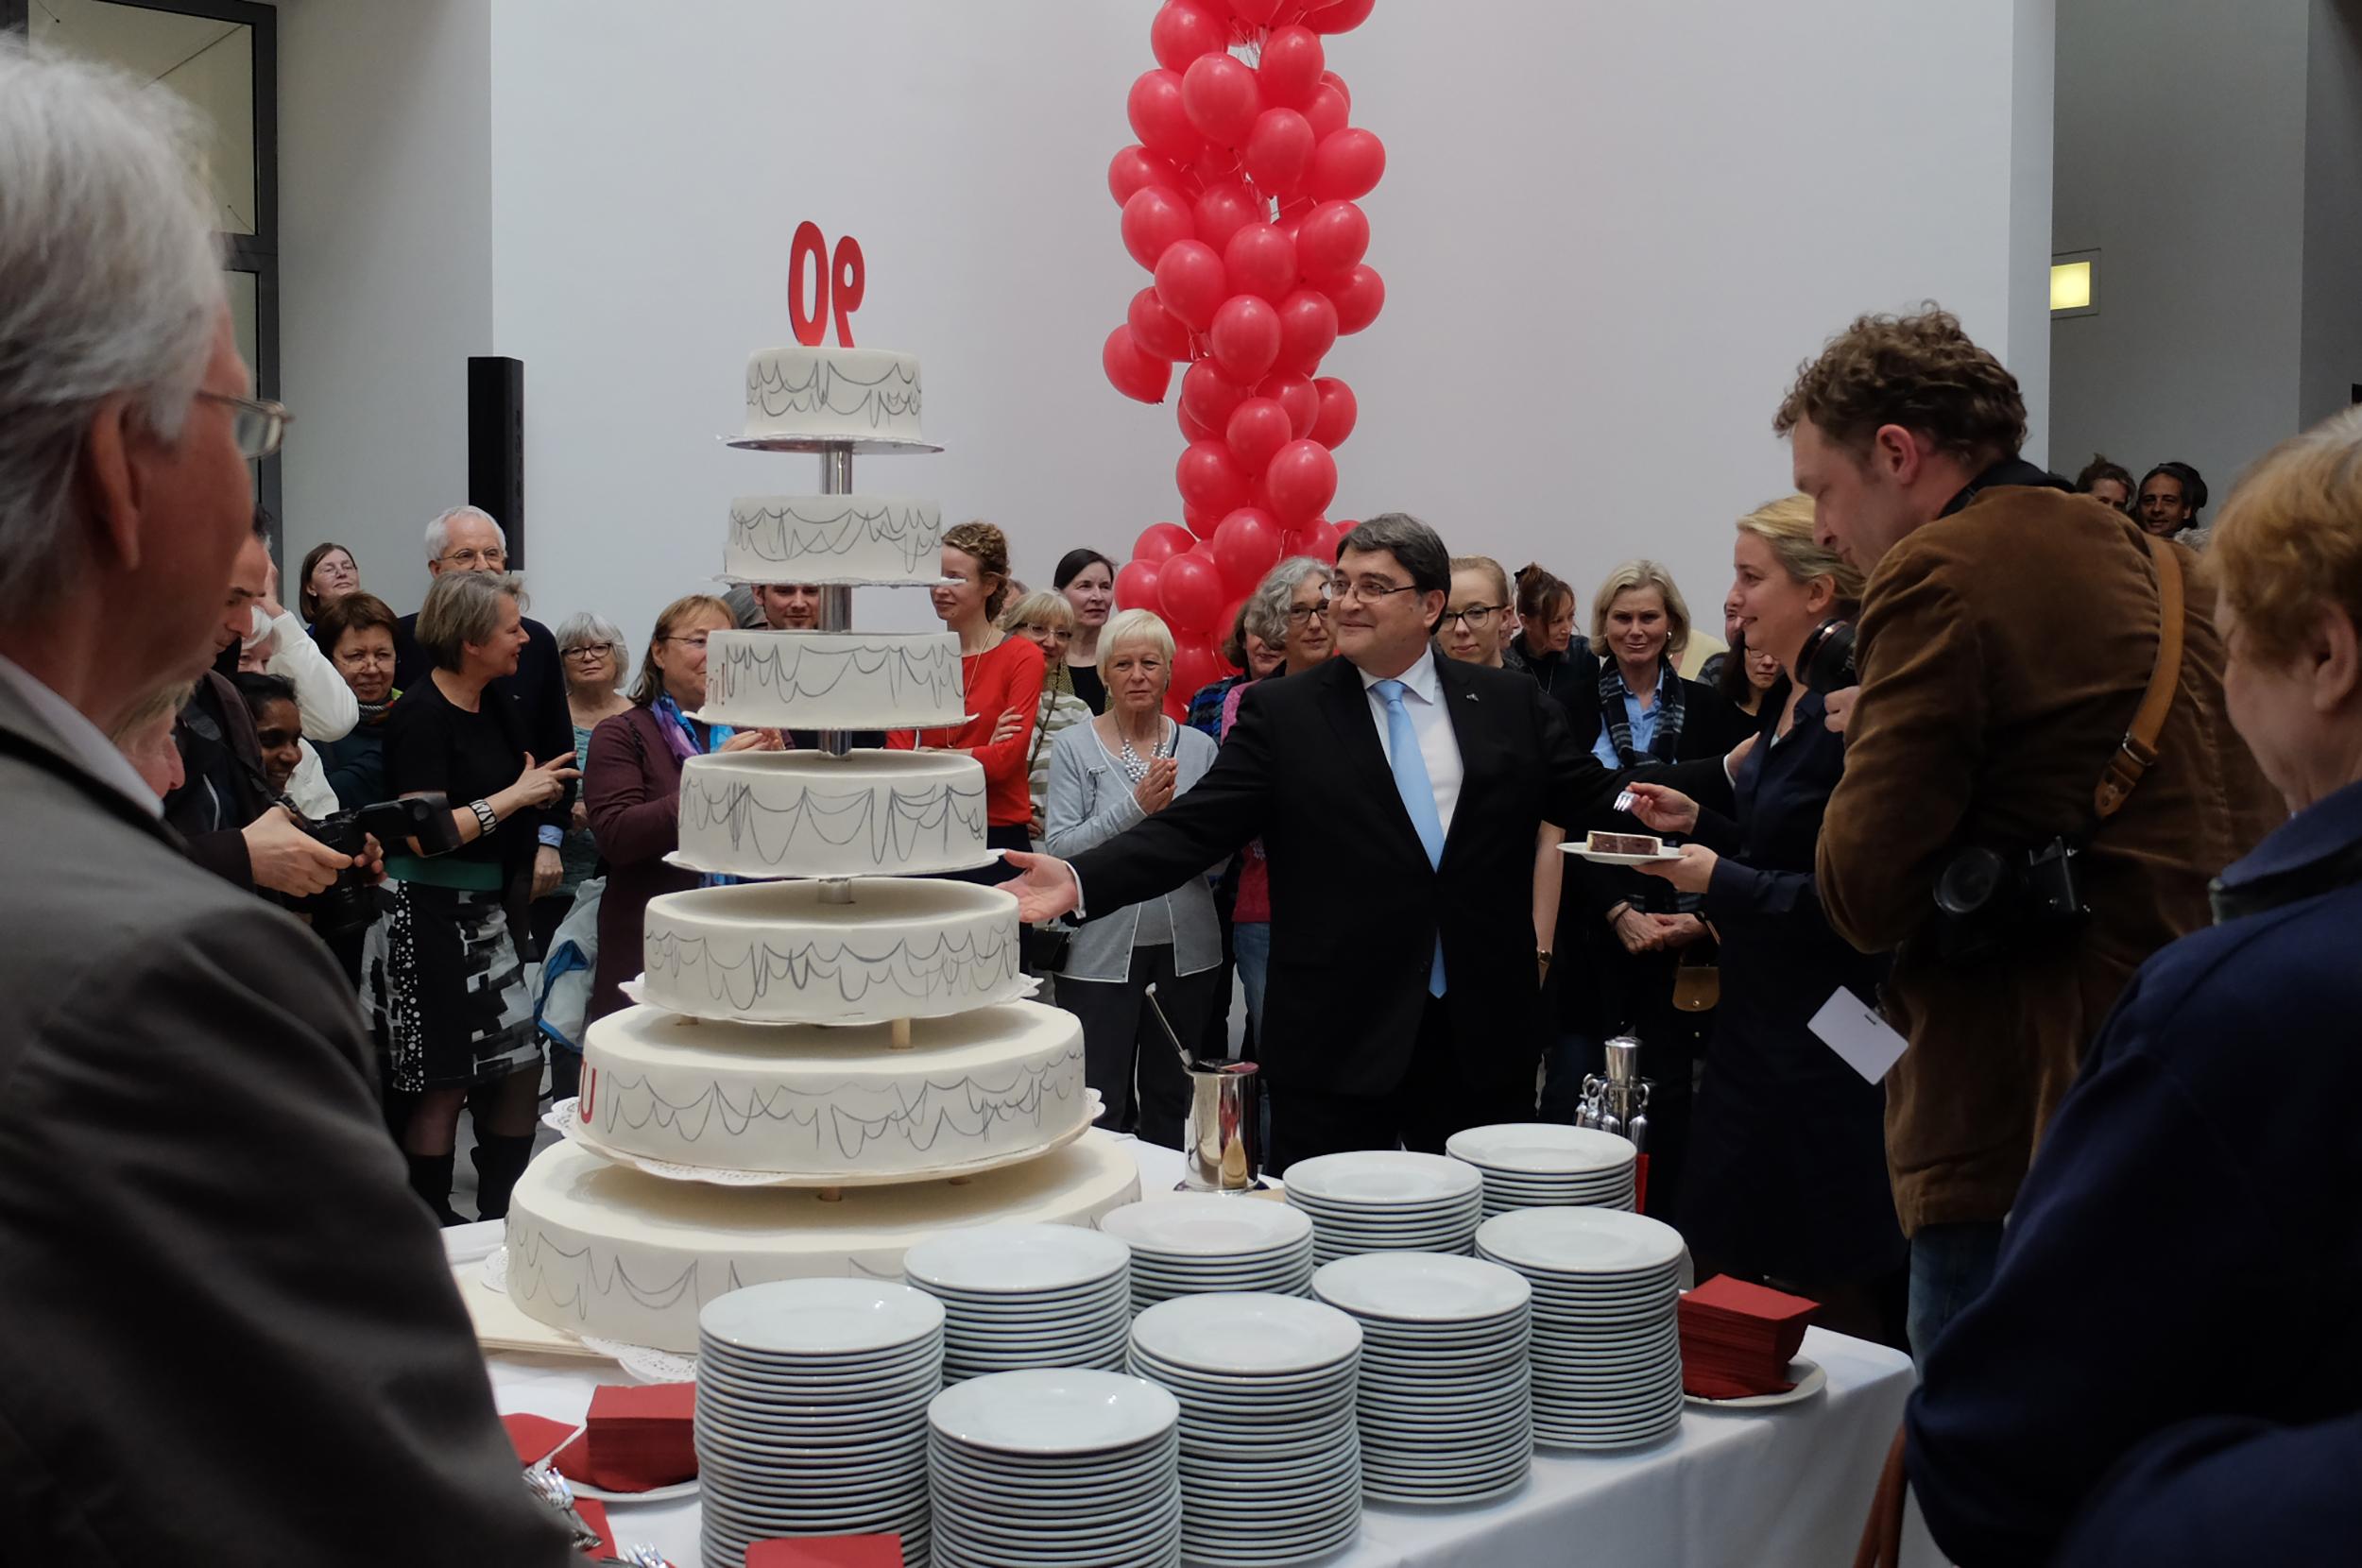 Happy Birthday Geta–Große Geburstagsfeier anlässlich des 90. Geburtstages der Künstlerin Geta Brãtescu